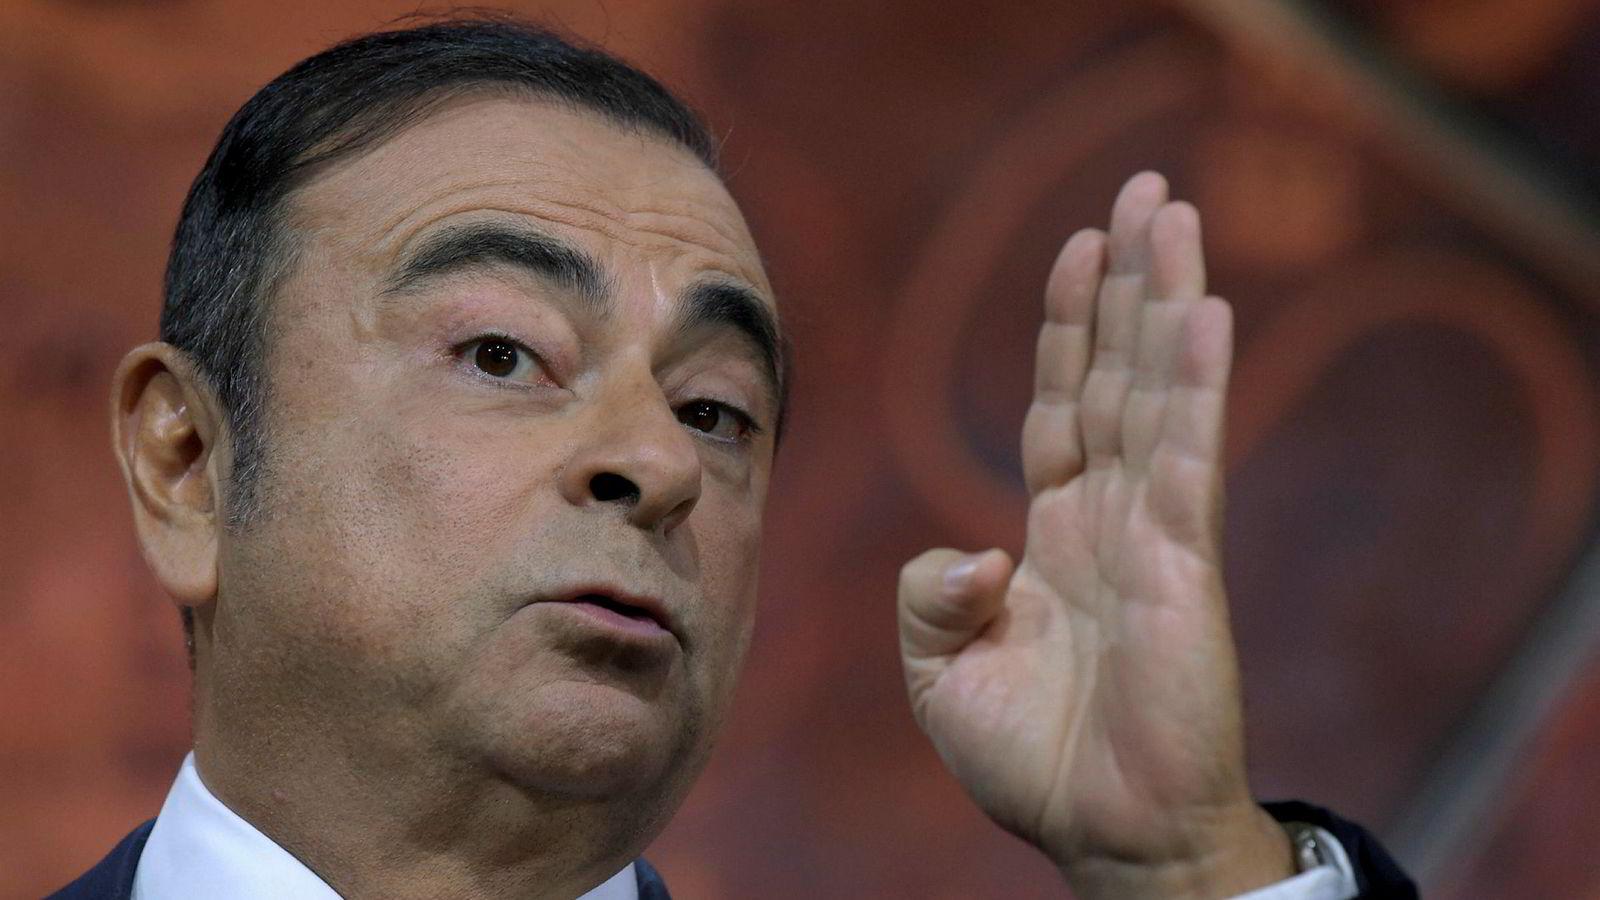 Tidligere Nissan-sjef Carlos Ghosn har fått innvilget kauson, men usikkert om han blir løslatt.